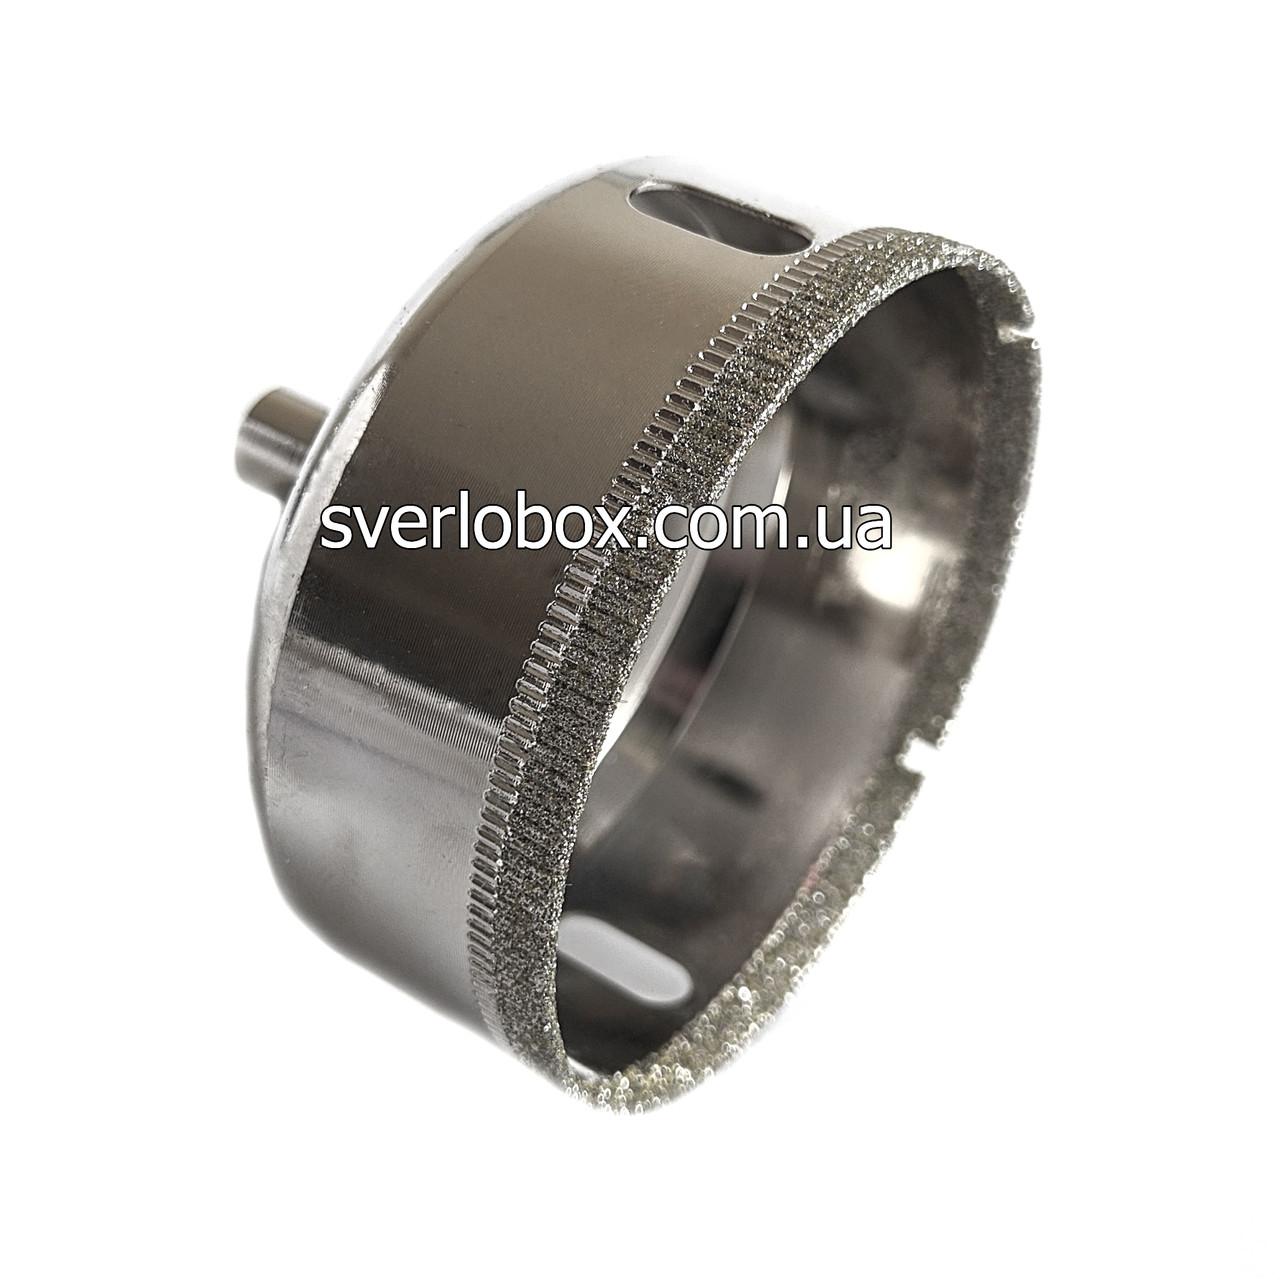 Алмазна Коронка по плитці і склу 32 мм, Коронка 32 мм з алмазним напиленням по склу та кераміці